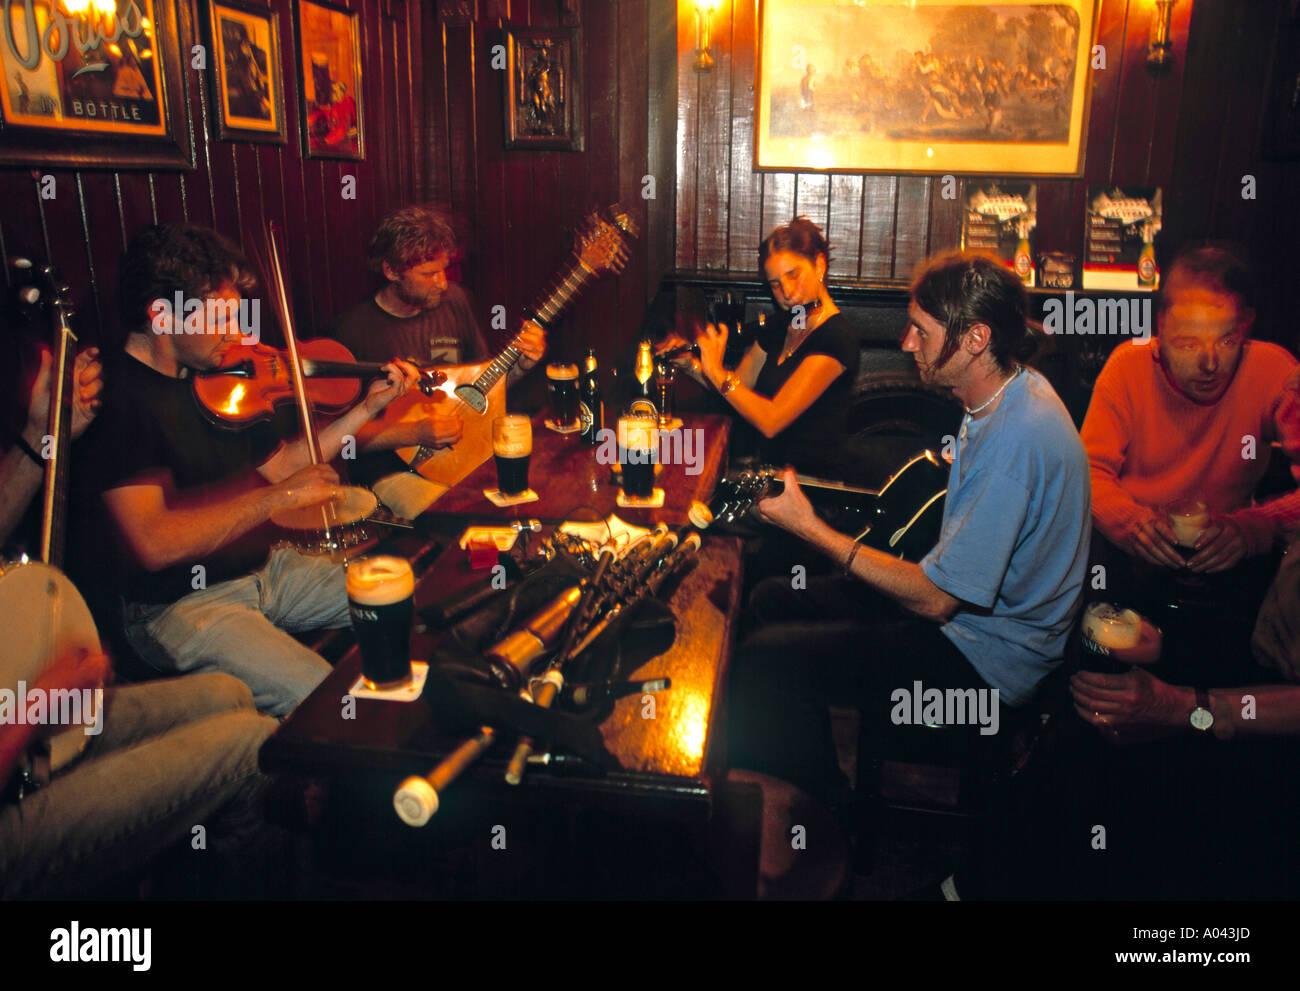 Traditional Folk Music, Sligo, Co. Sligo, Ireland - Stock Image